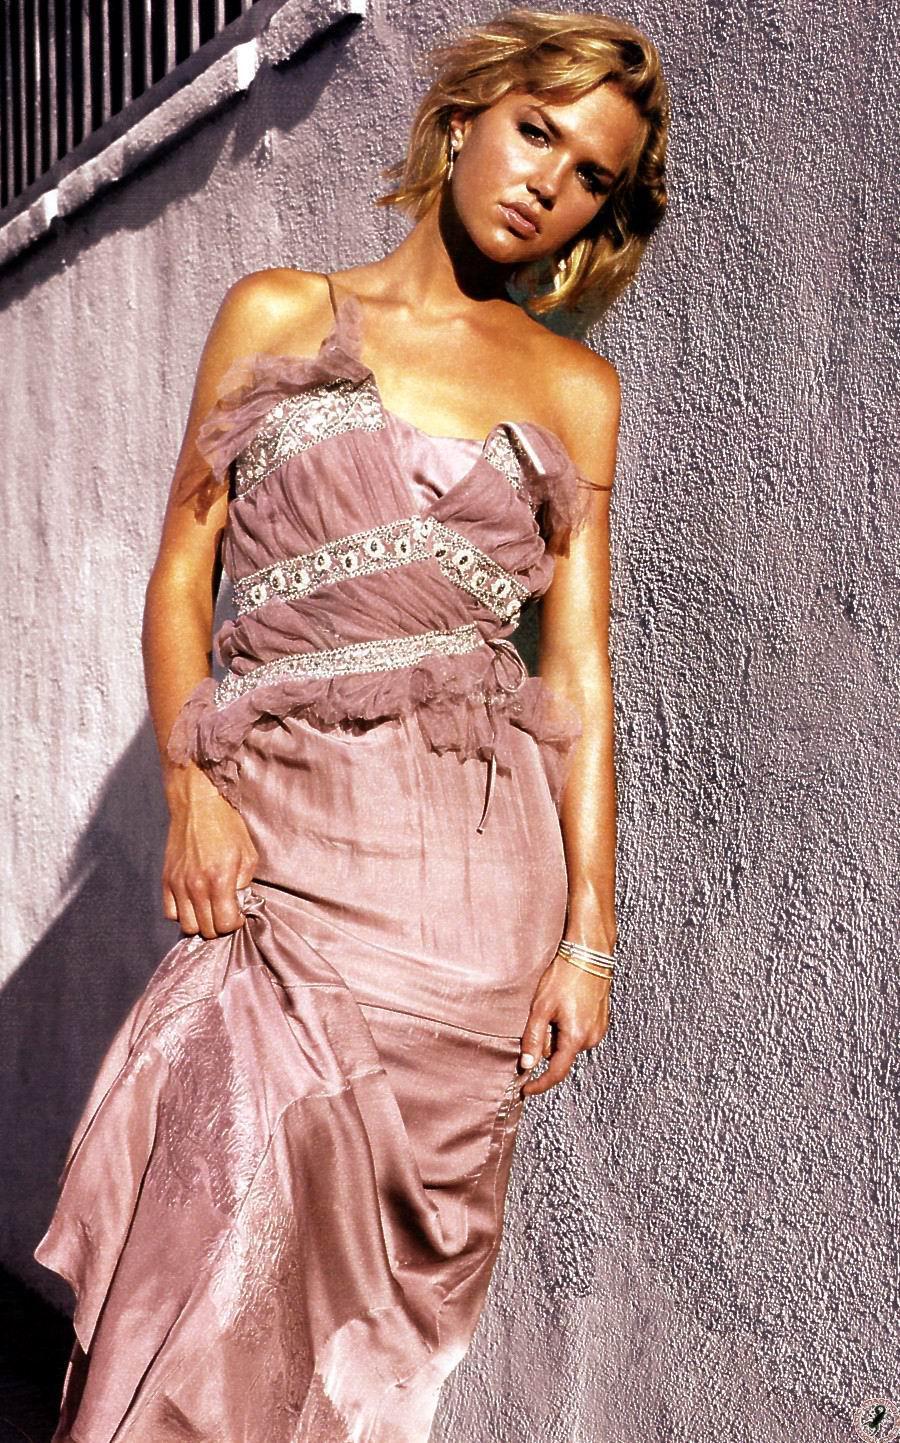 Arielle kebbel peliculas desnudas